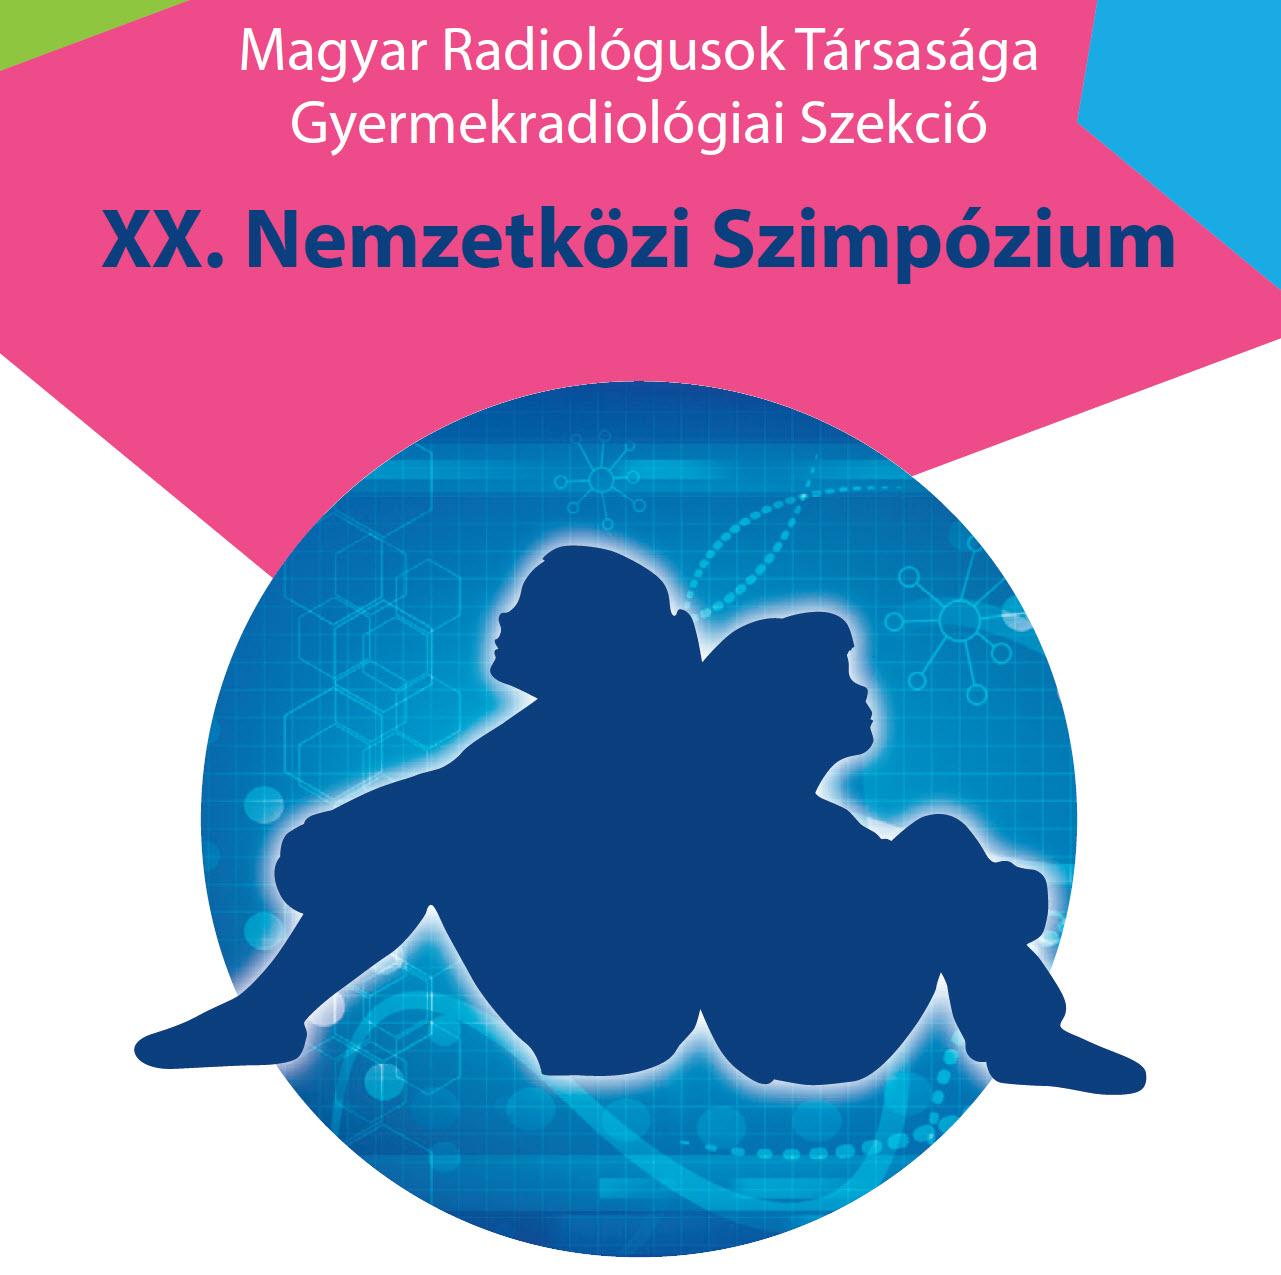 Magyar Radiológusok Társasága, Gyermekradiológiai Szekció, XX. Nemzetközi Szimpózium